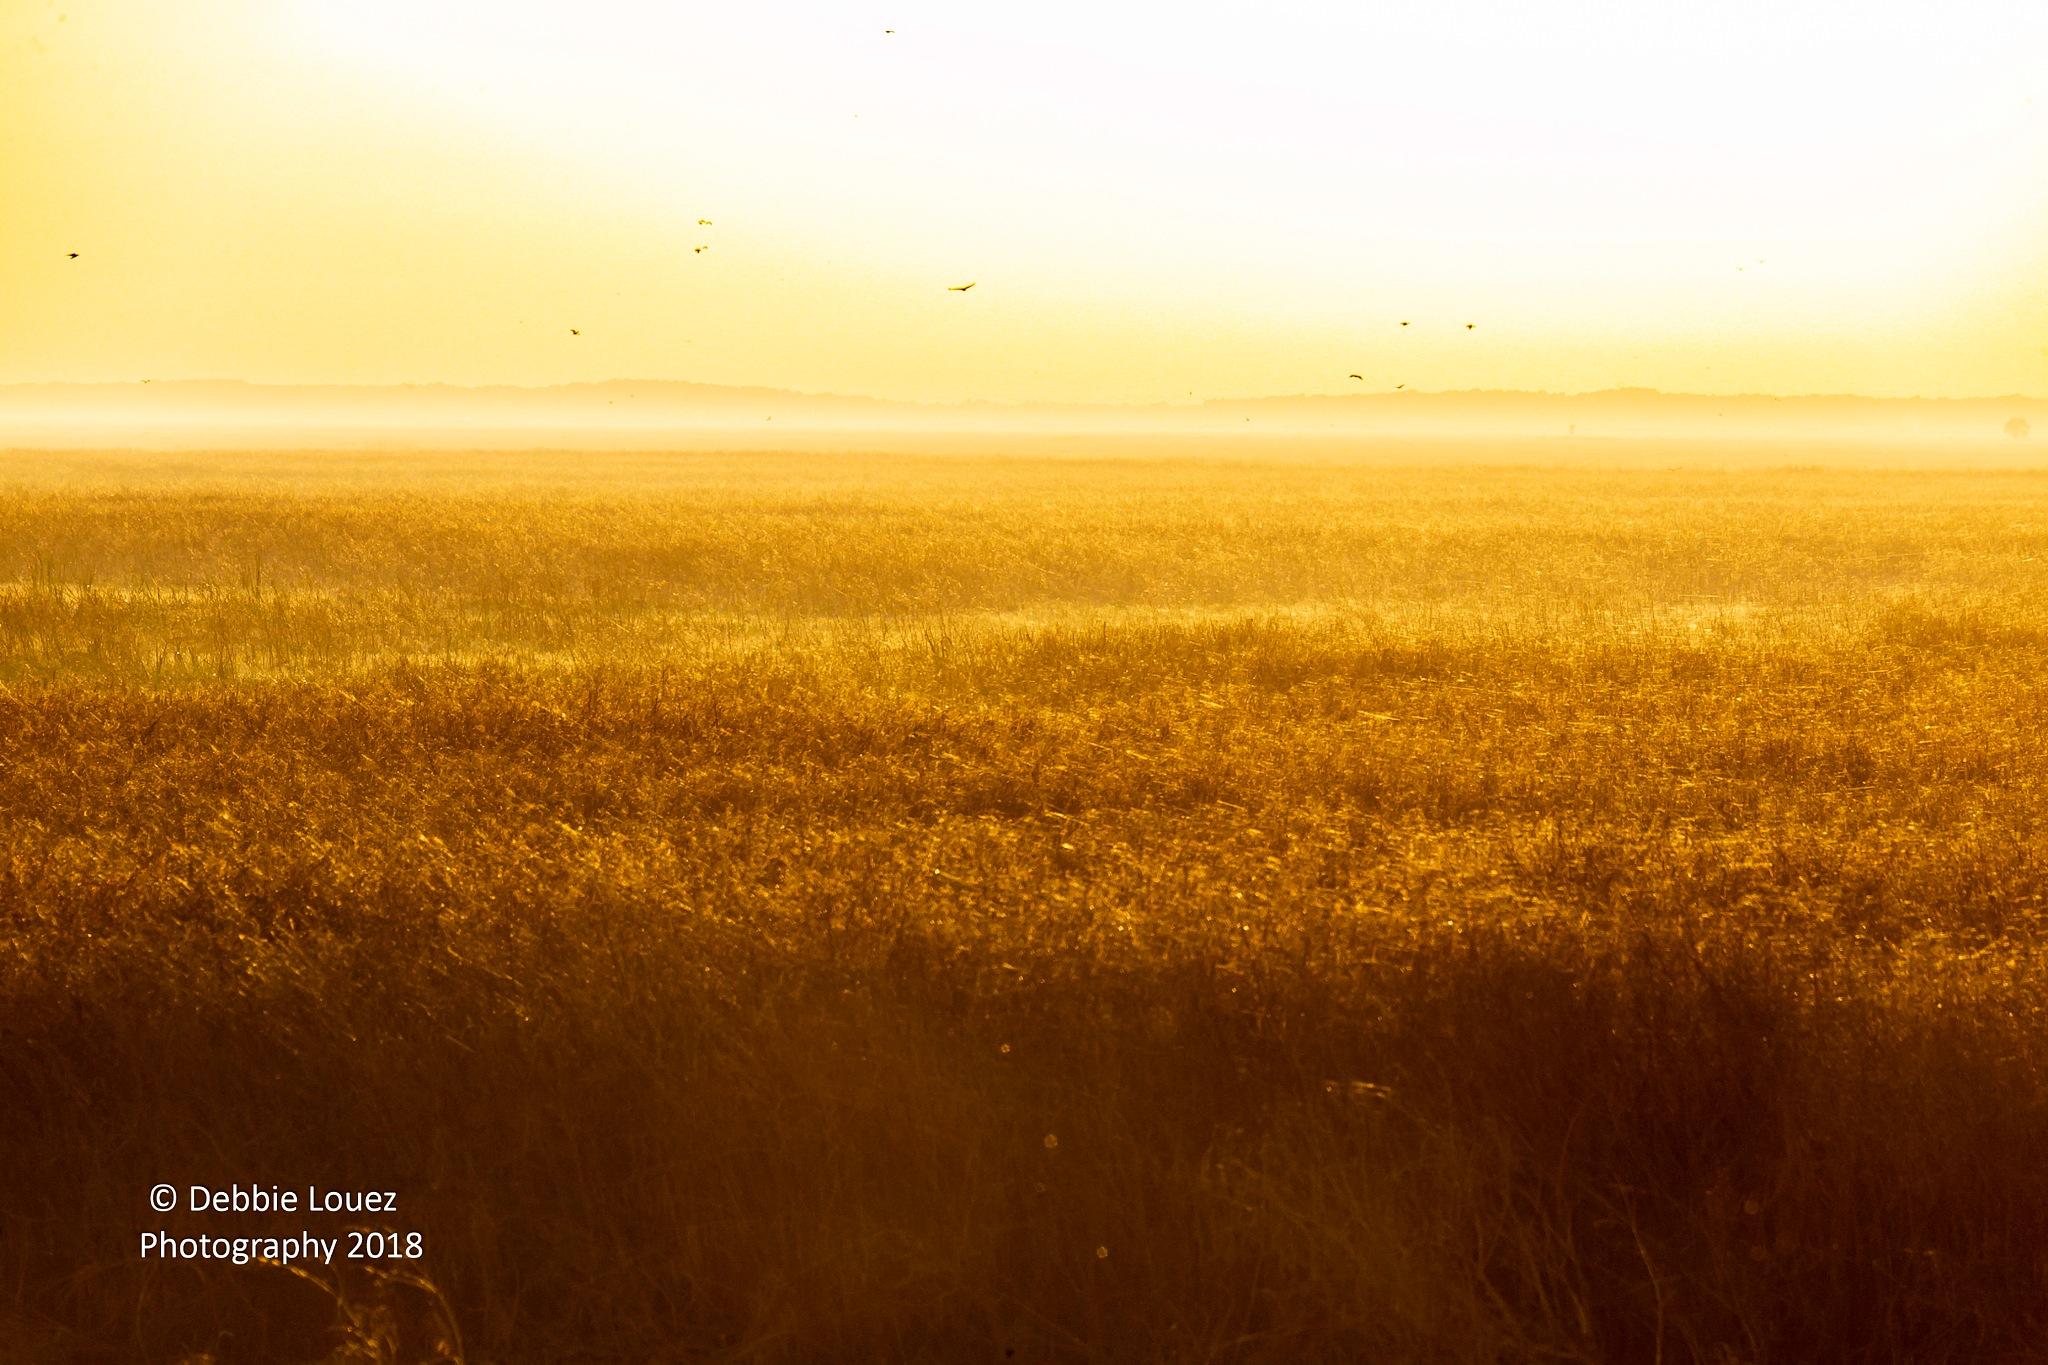 Golden Hour  by Debbie Louez